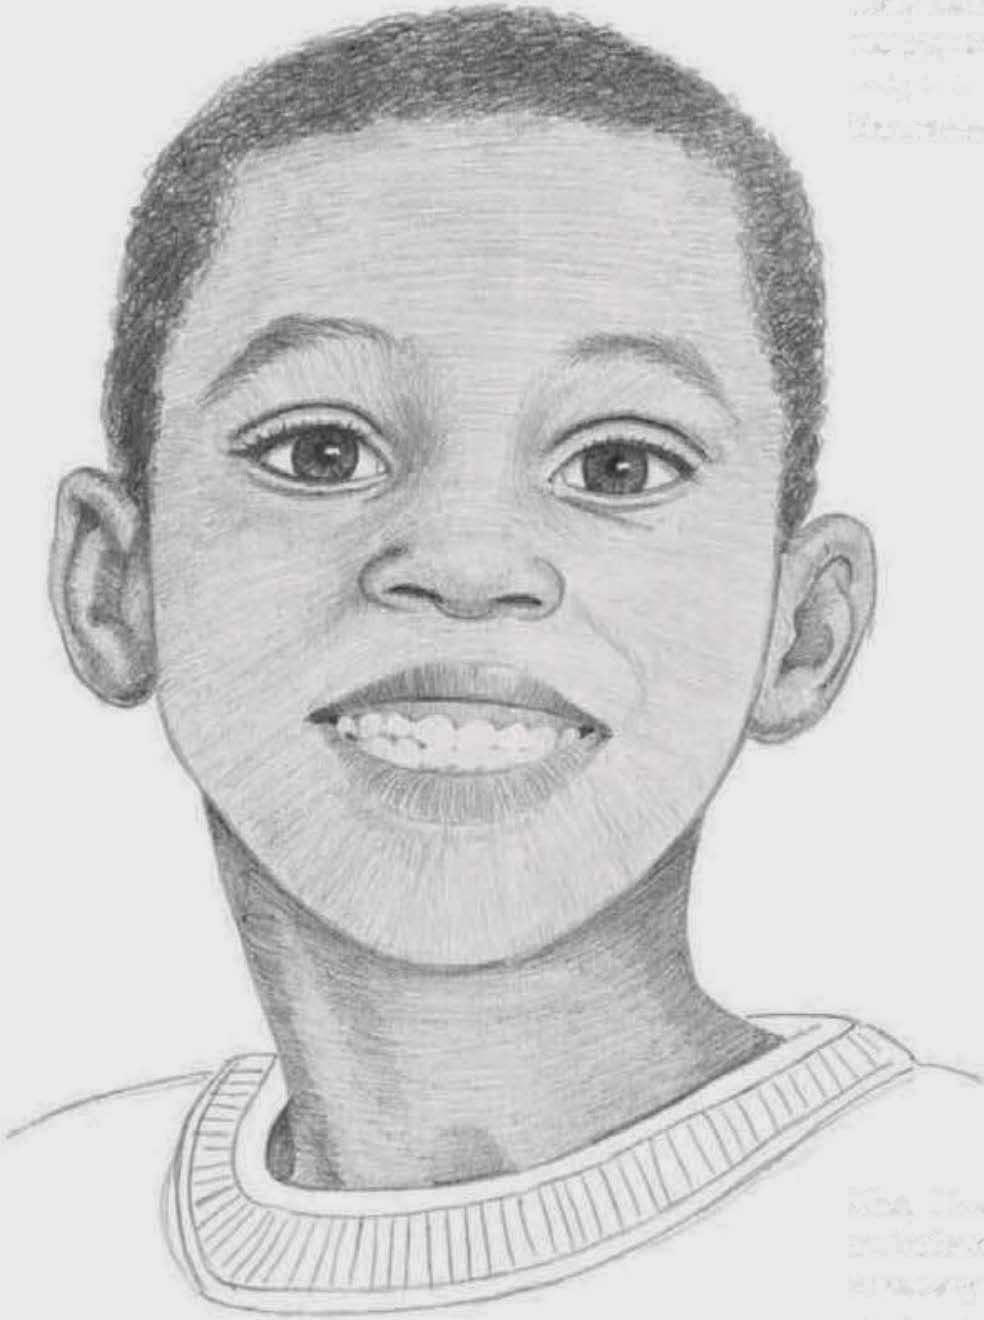 Drawings: REPLICATING DARK SKIN TONES